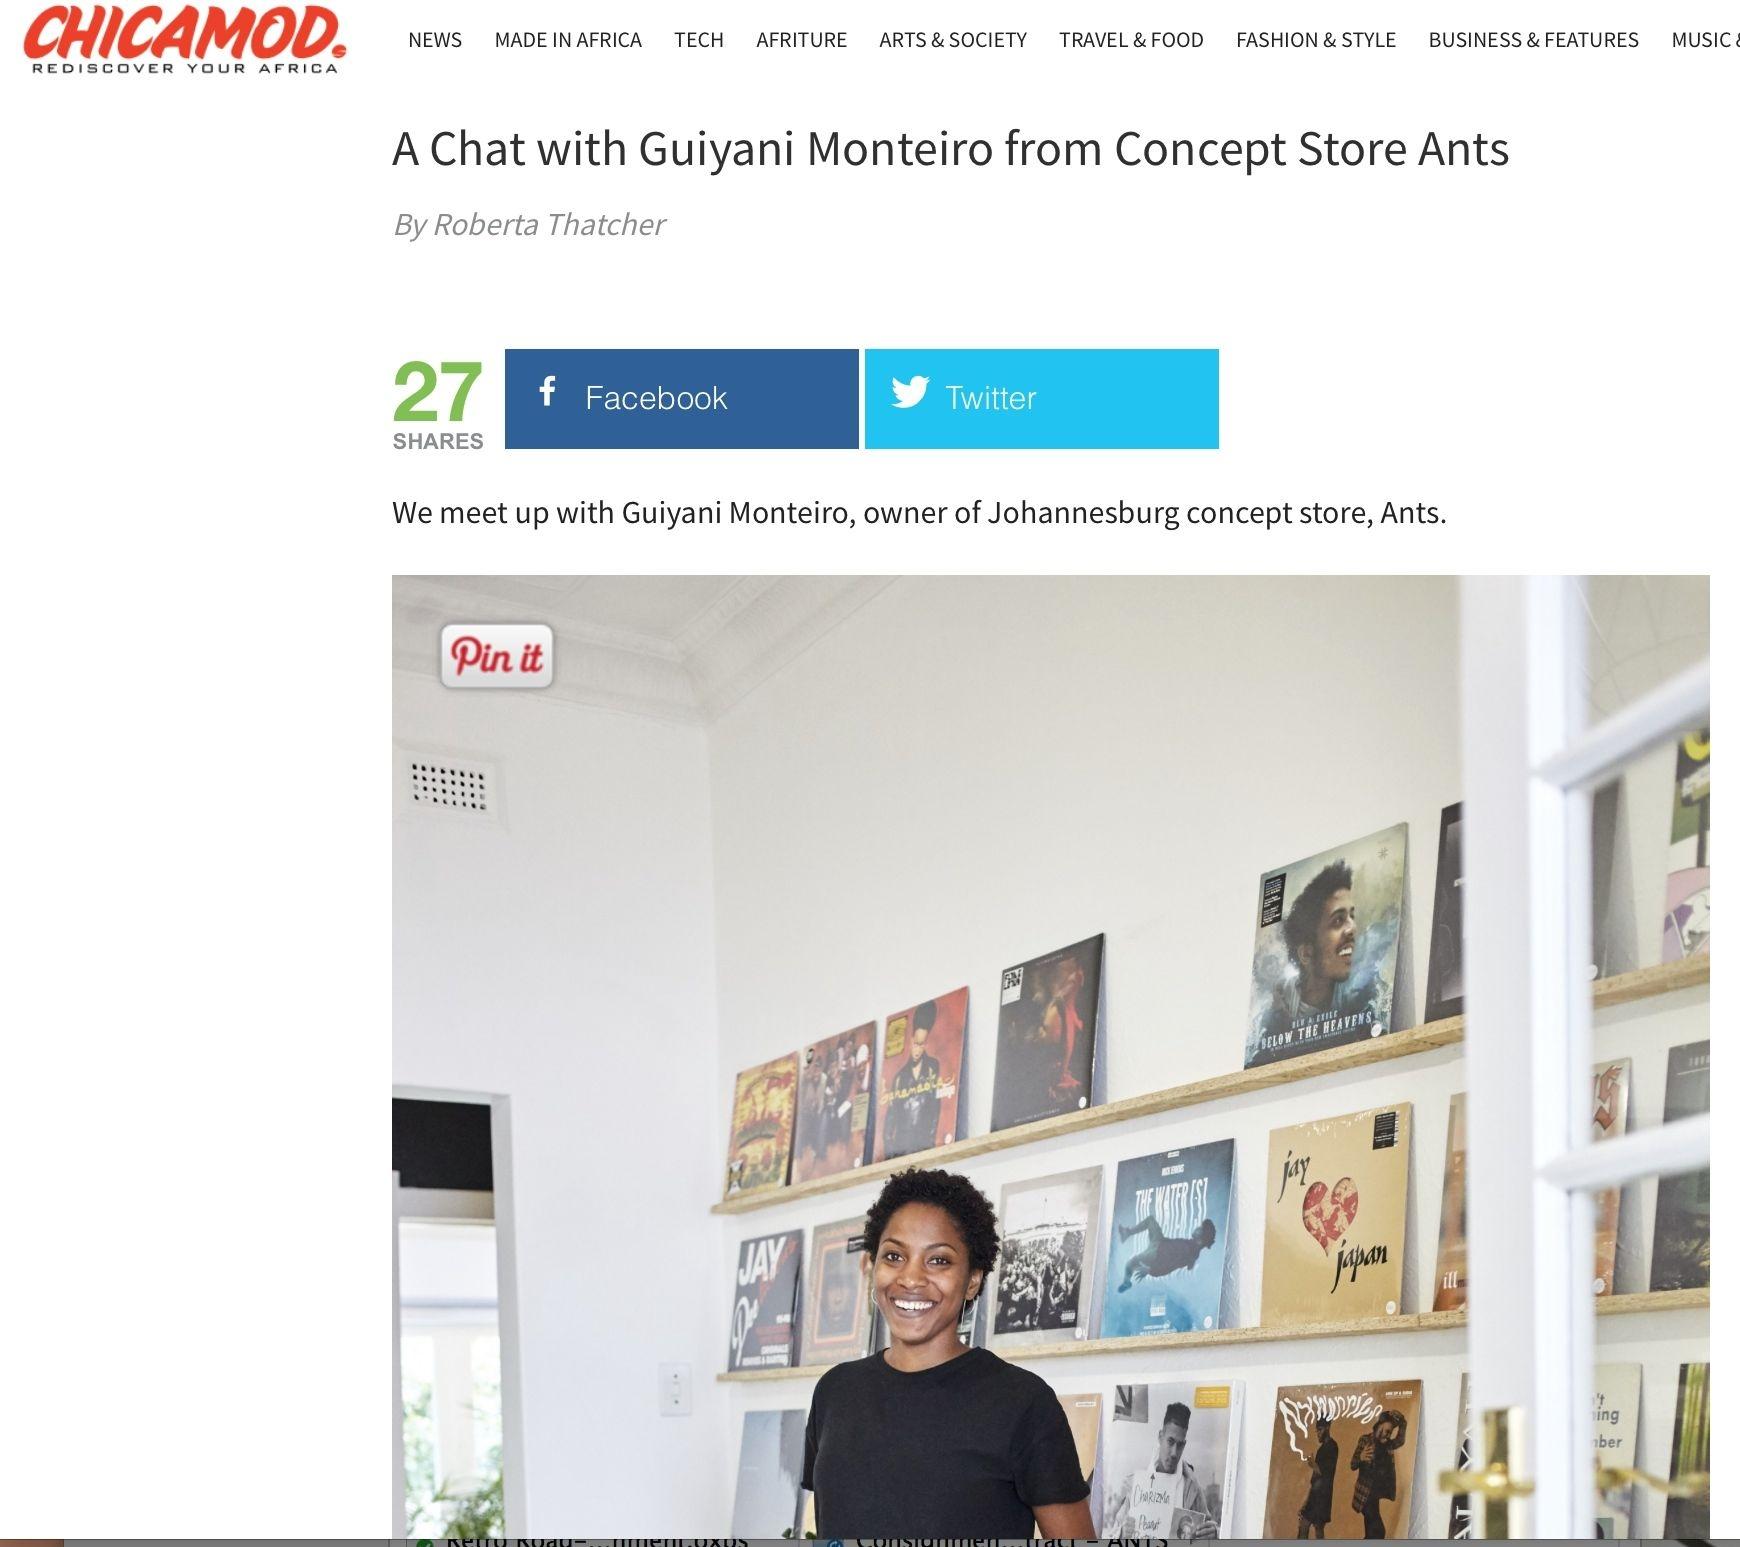 Chicamod (LA based online publication)